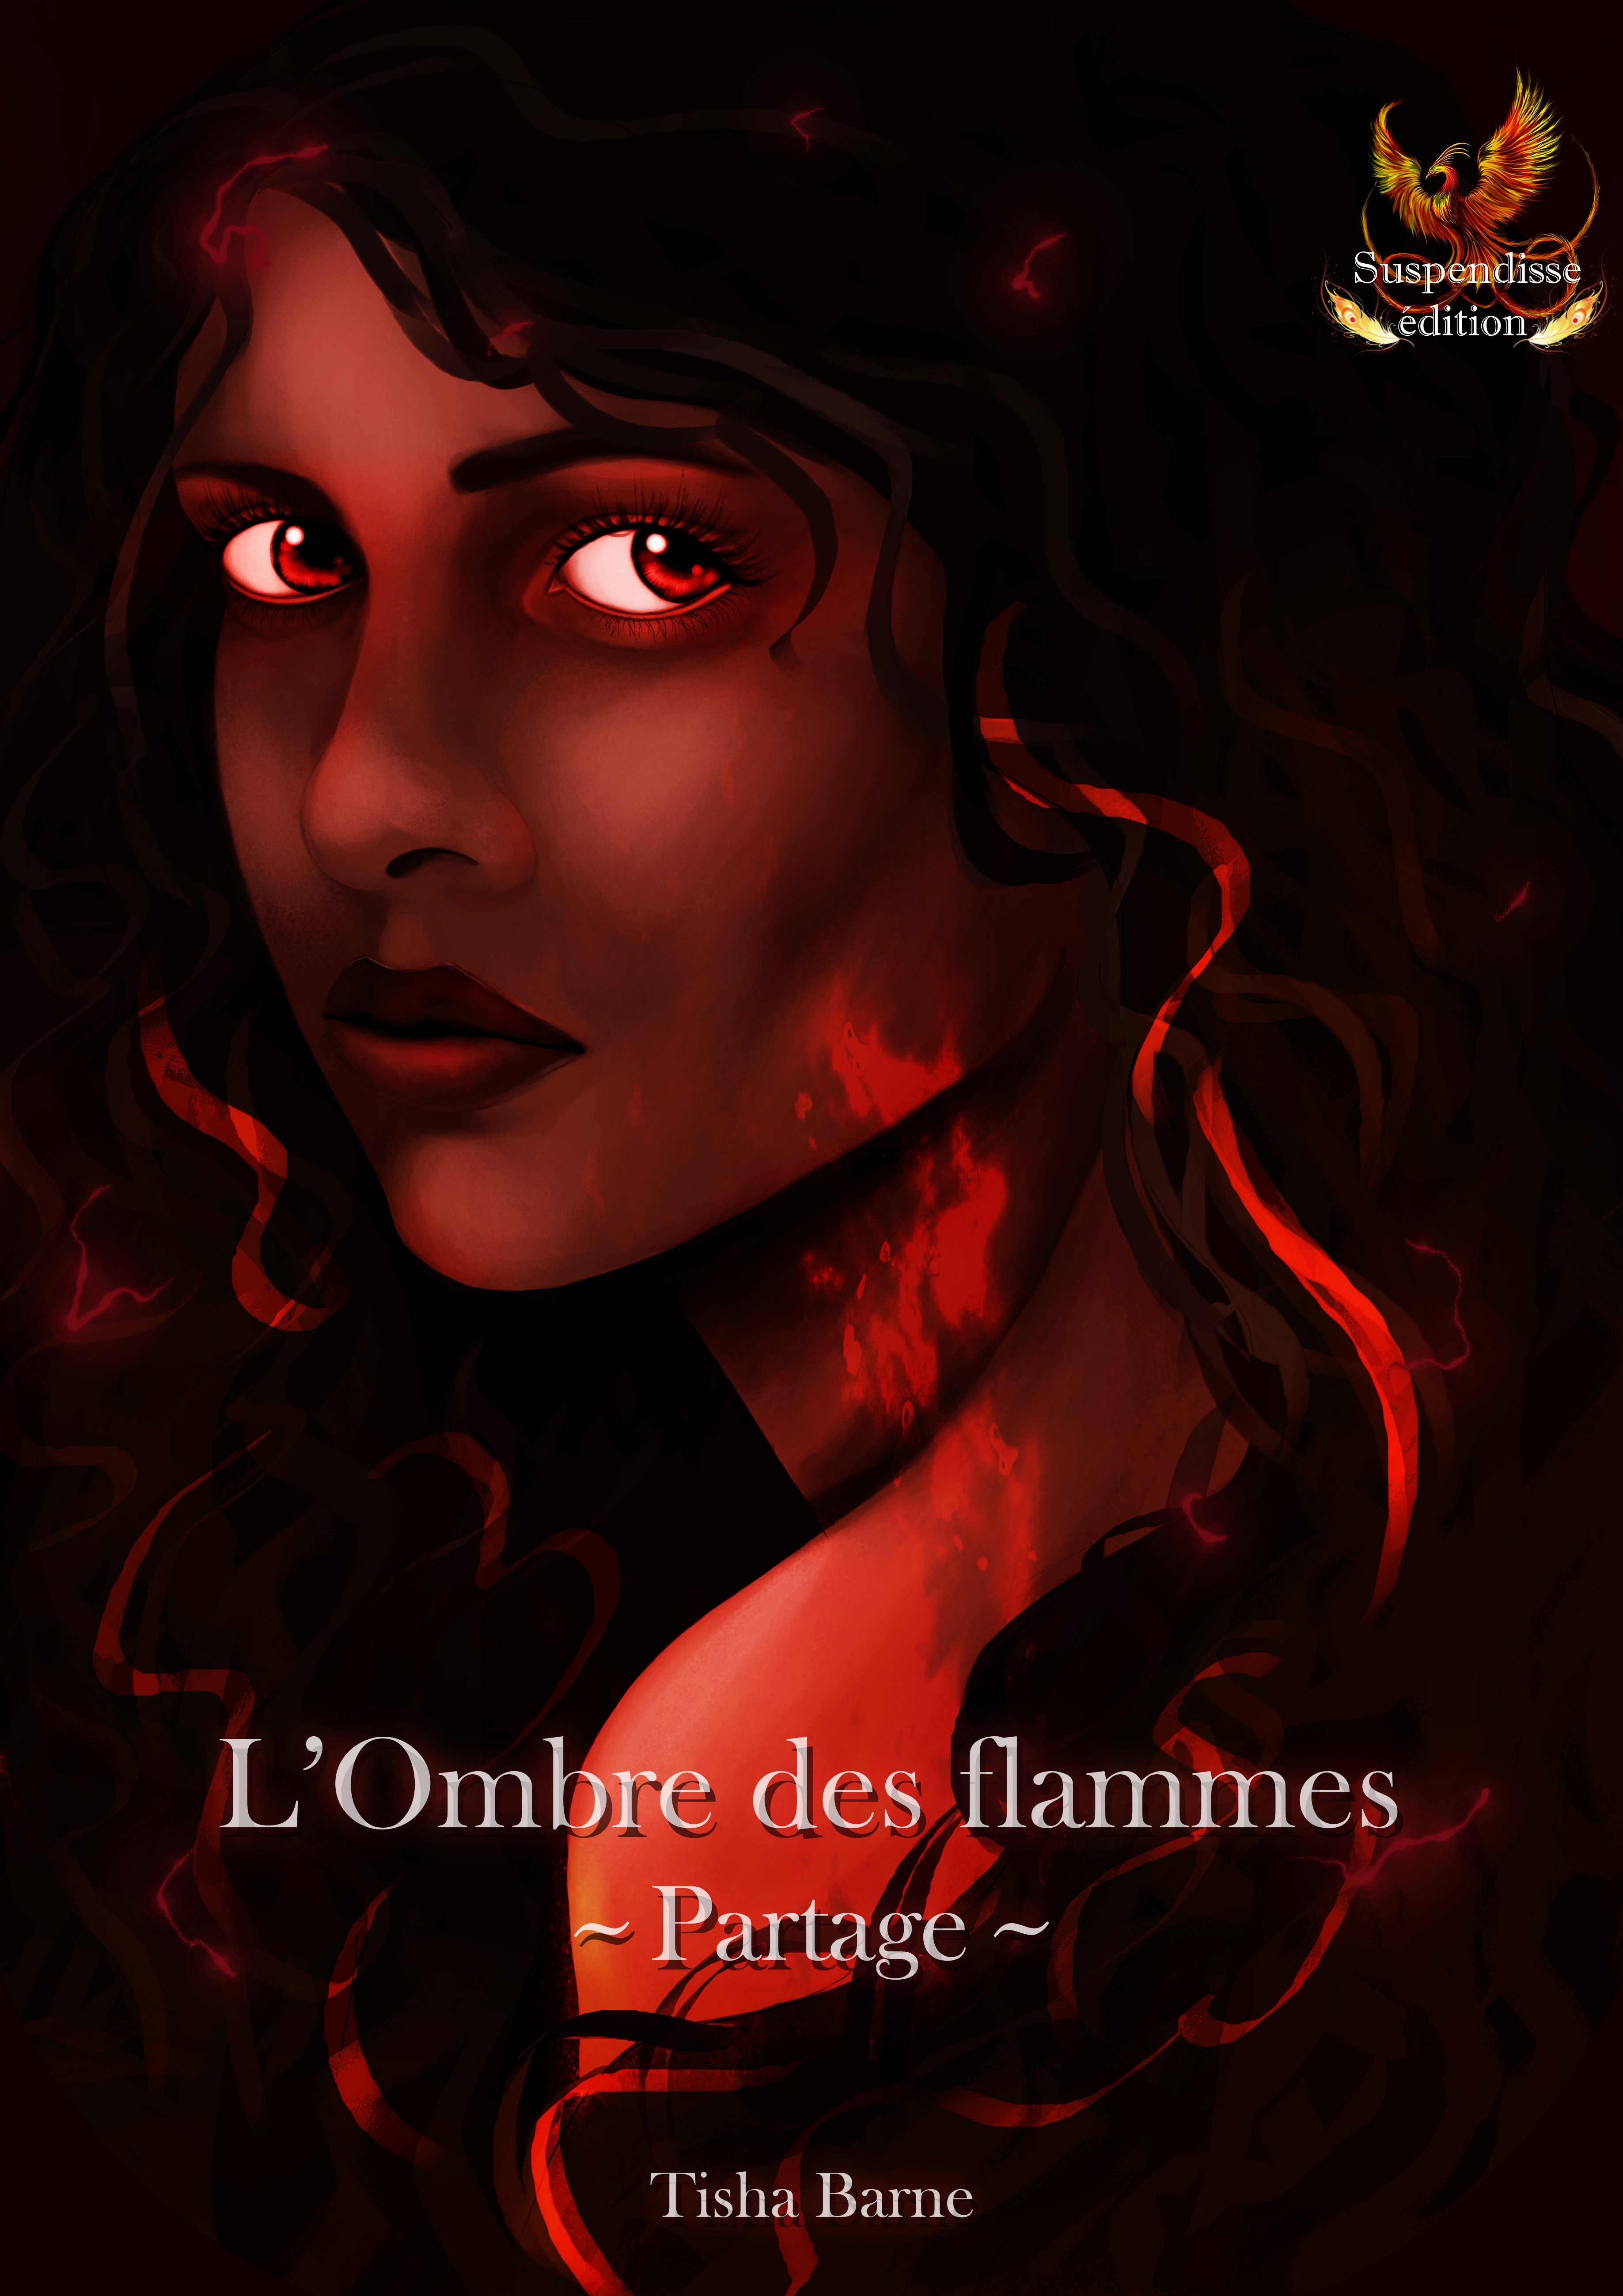 L'Ombre des flammes, PARTAGE